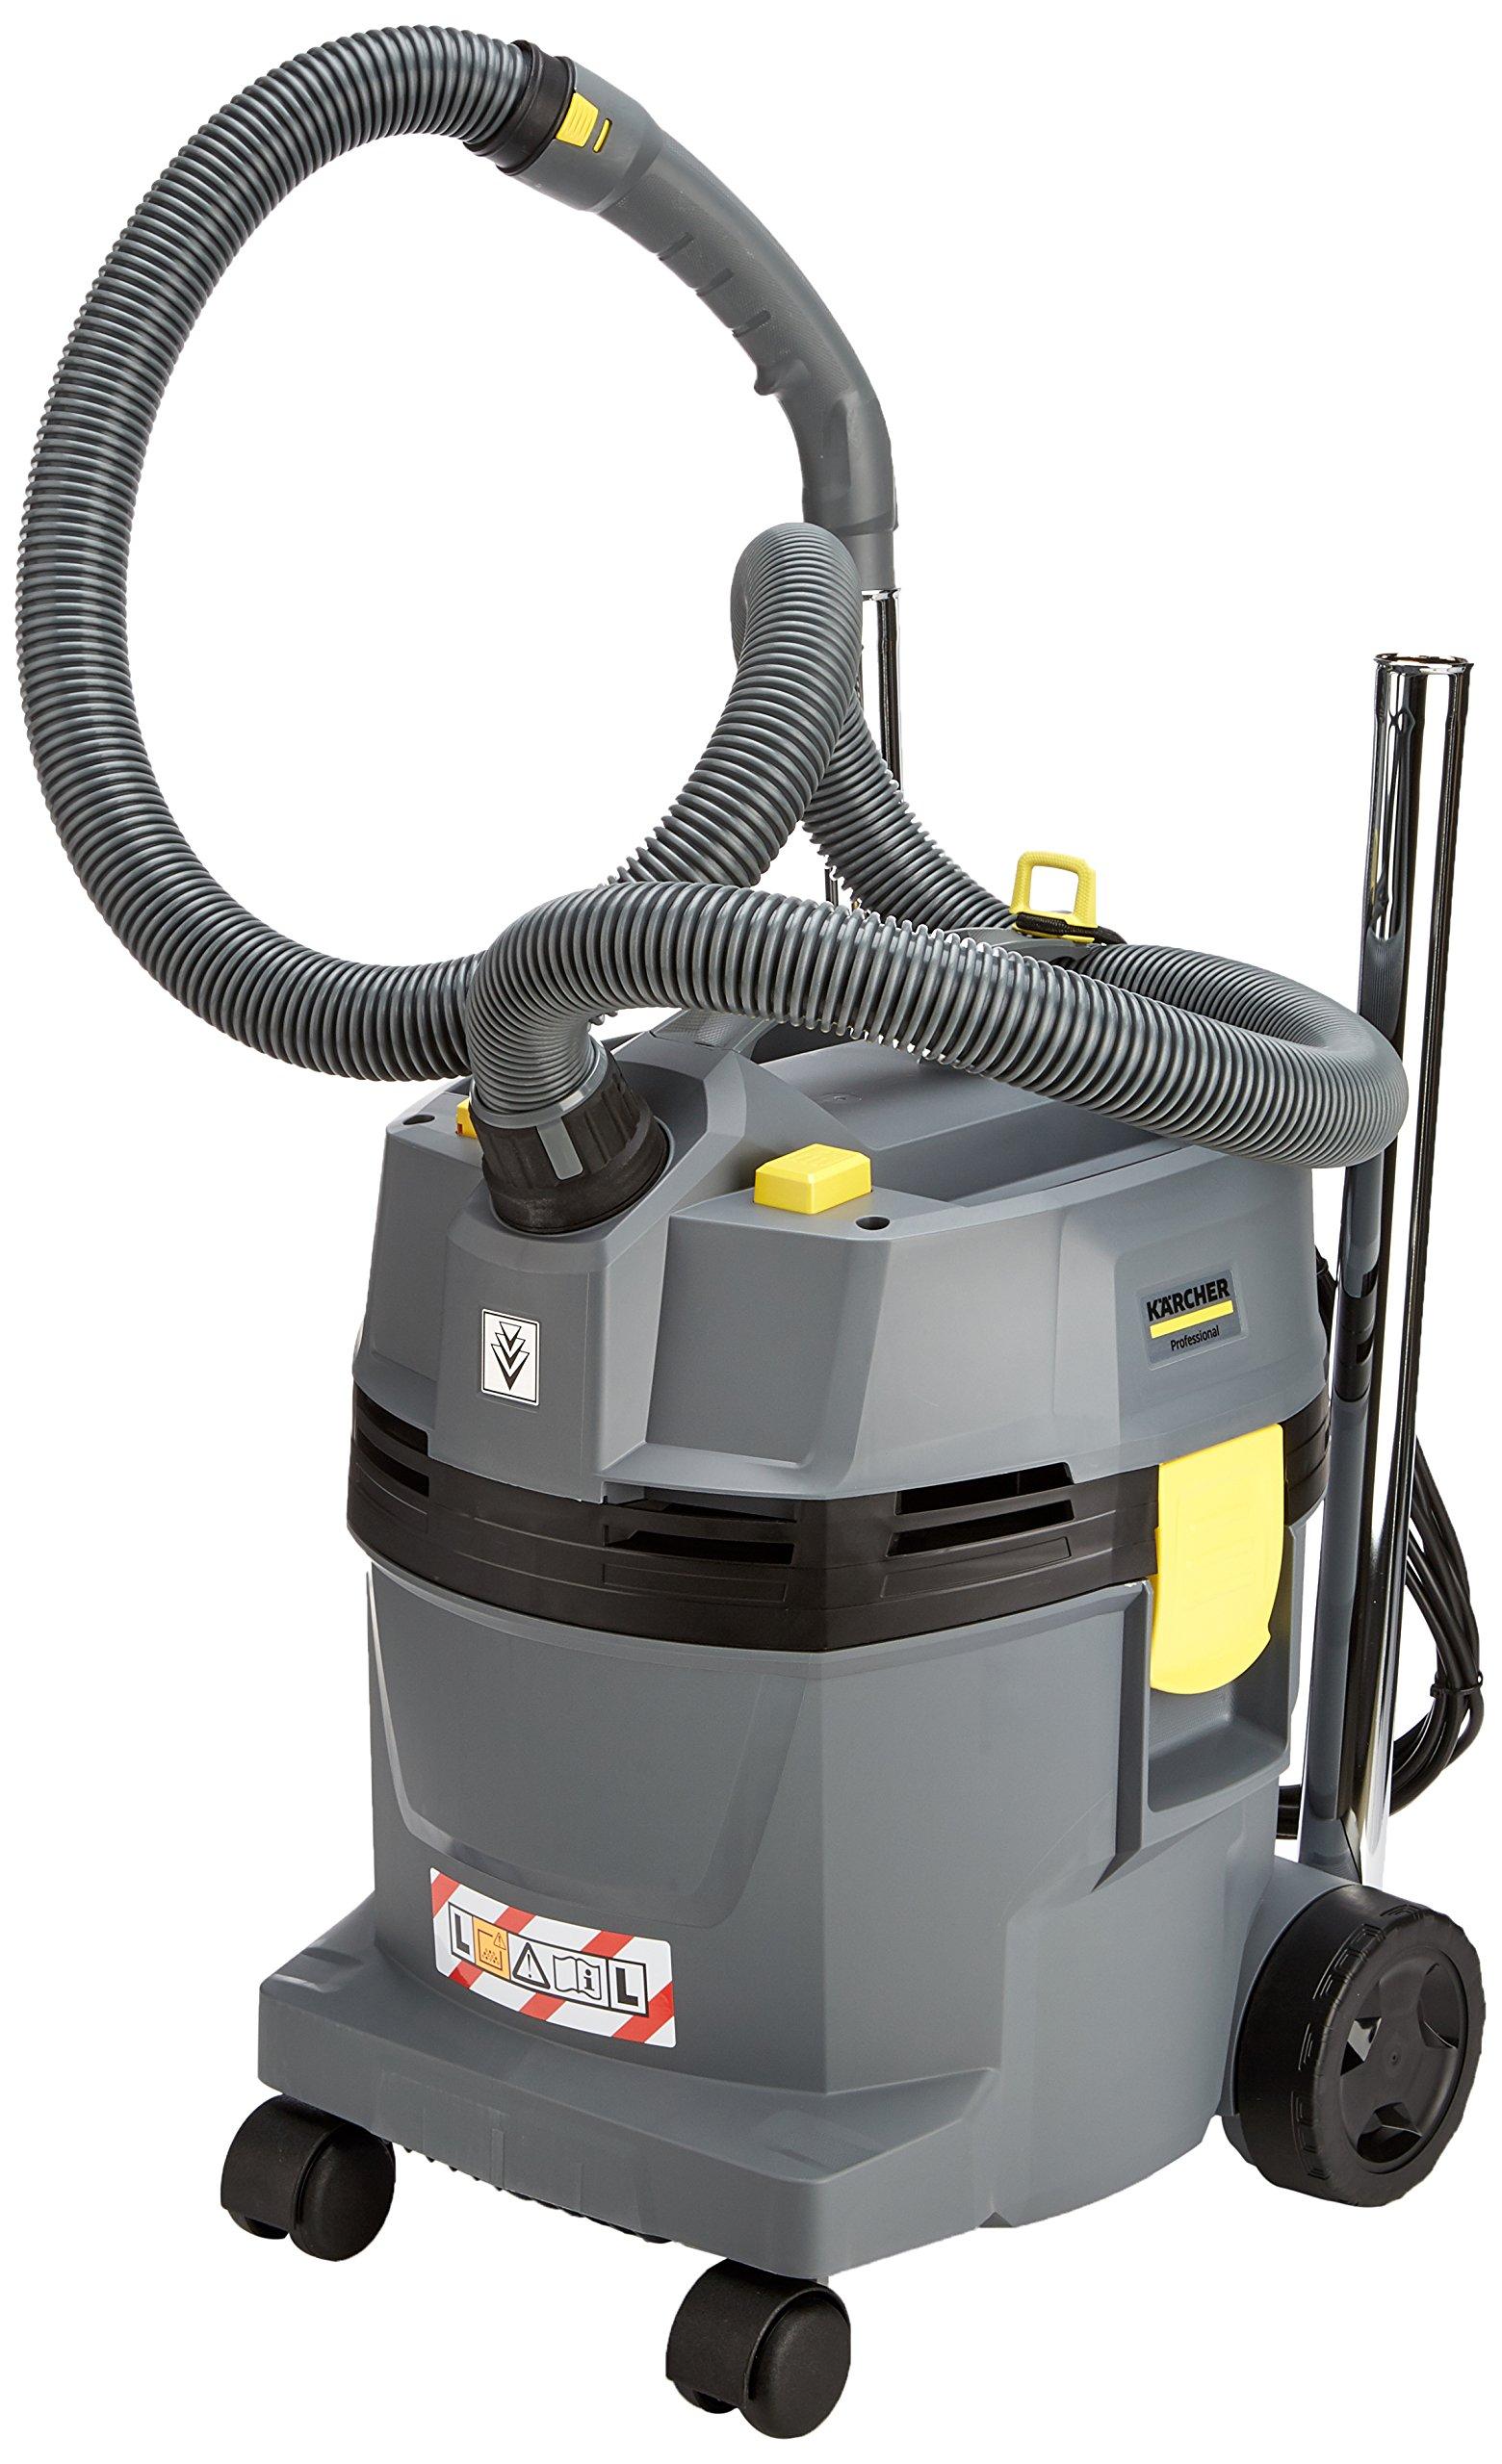 Kärcher 1.378-600.0 1.378-600.0 Aspirateur Eau et poussière NT 22/1 AP LV